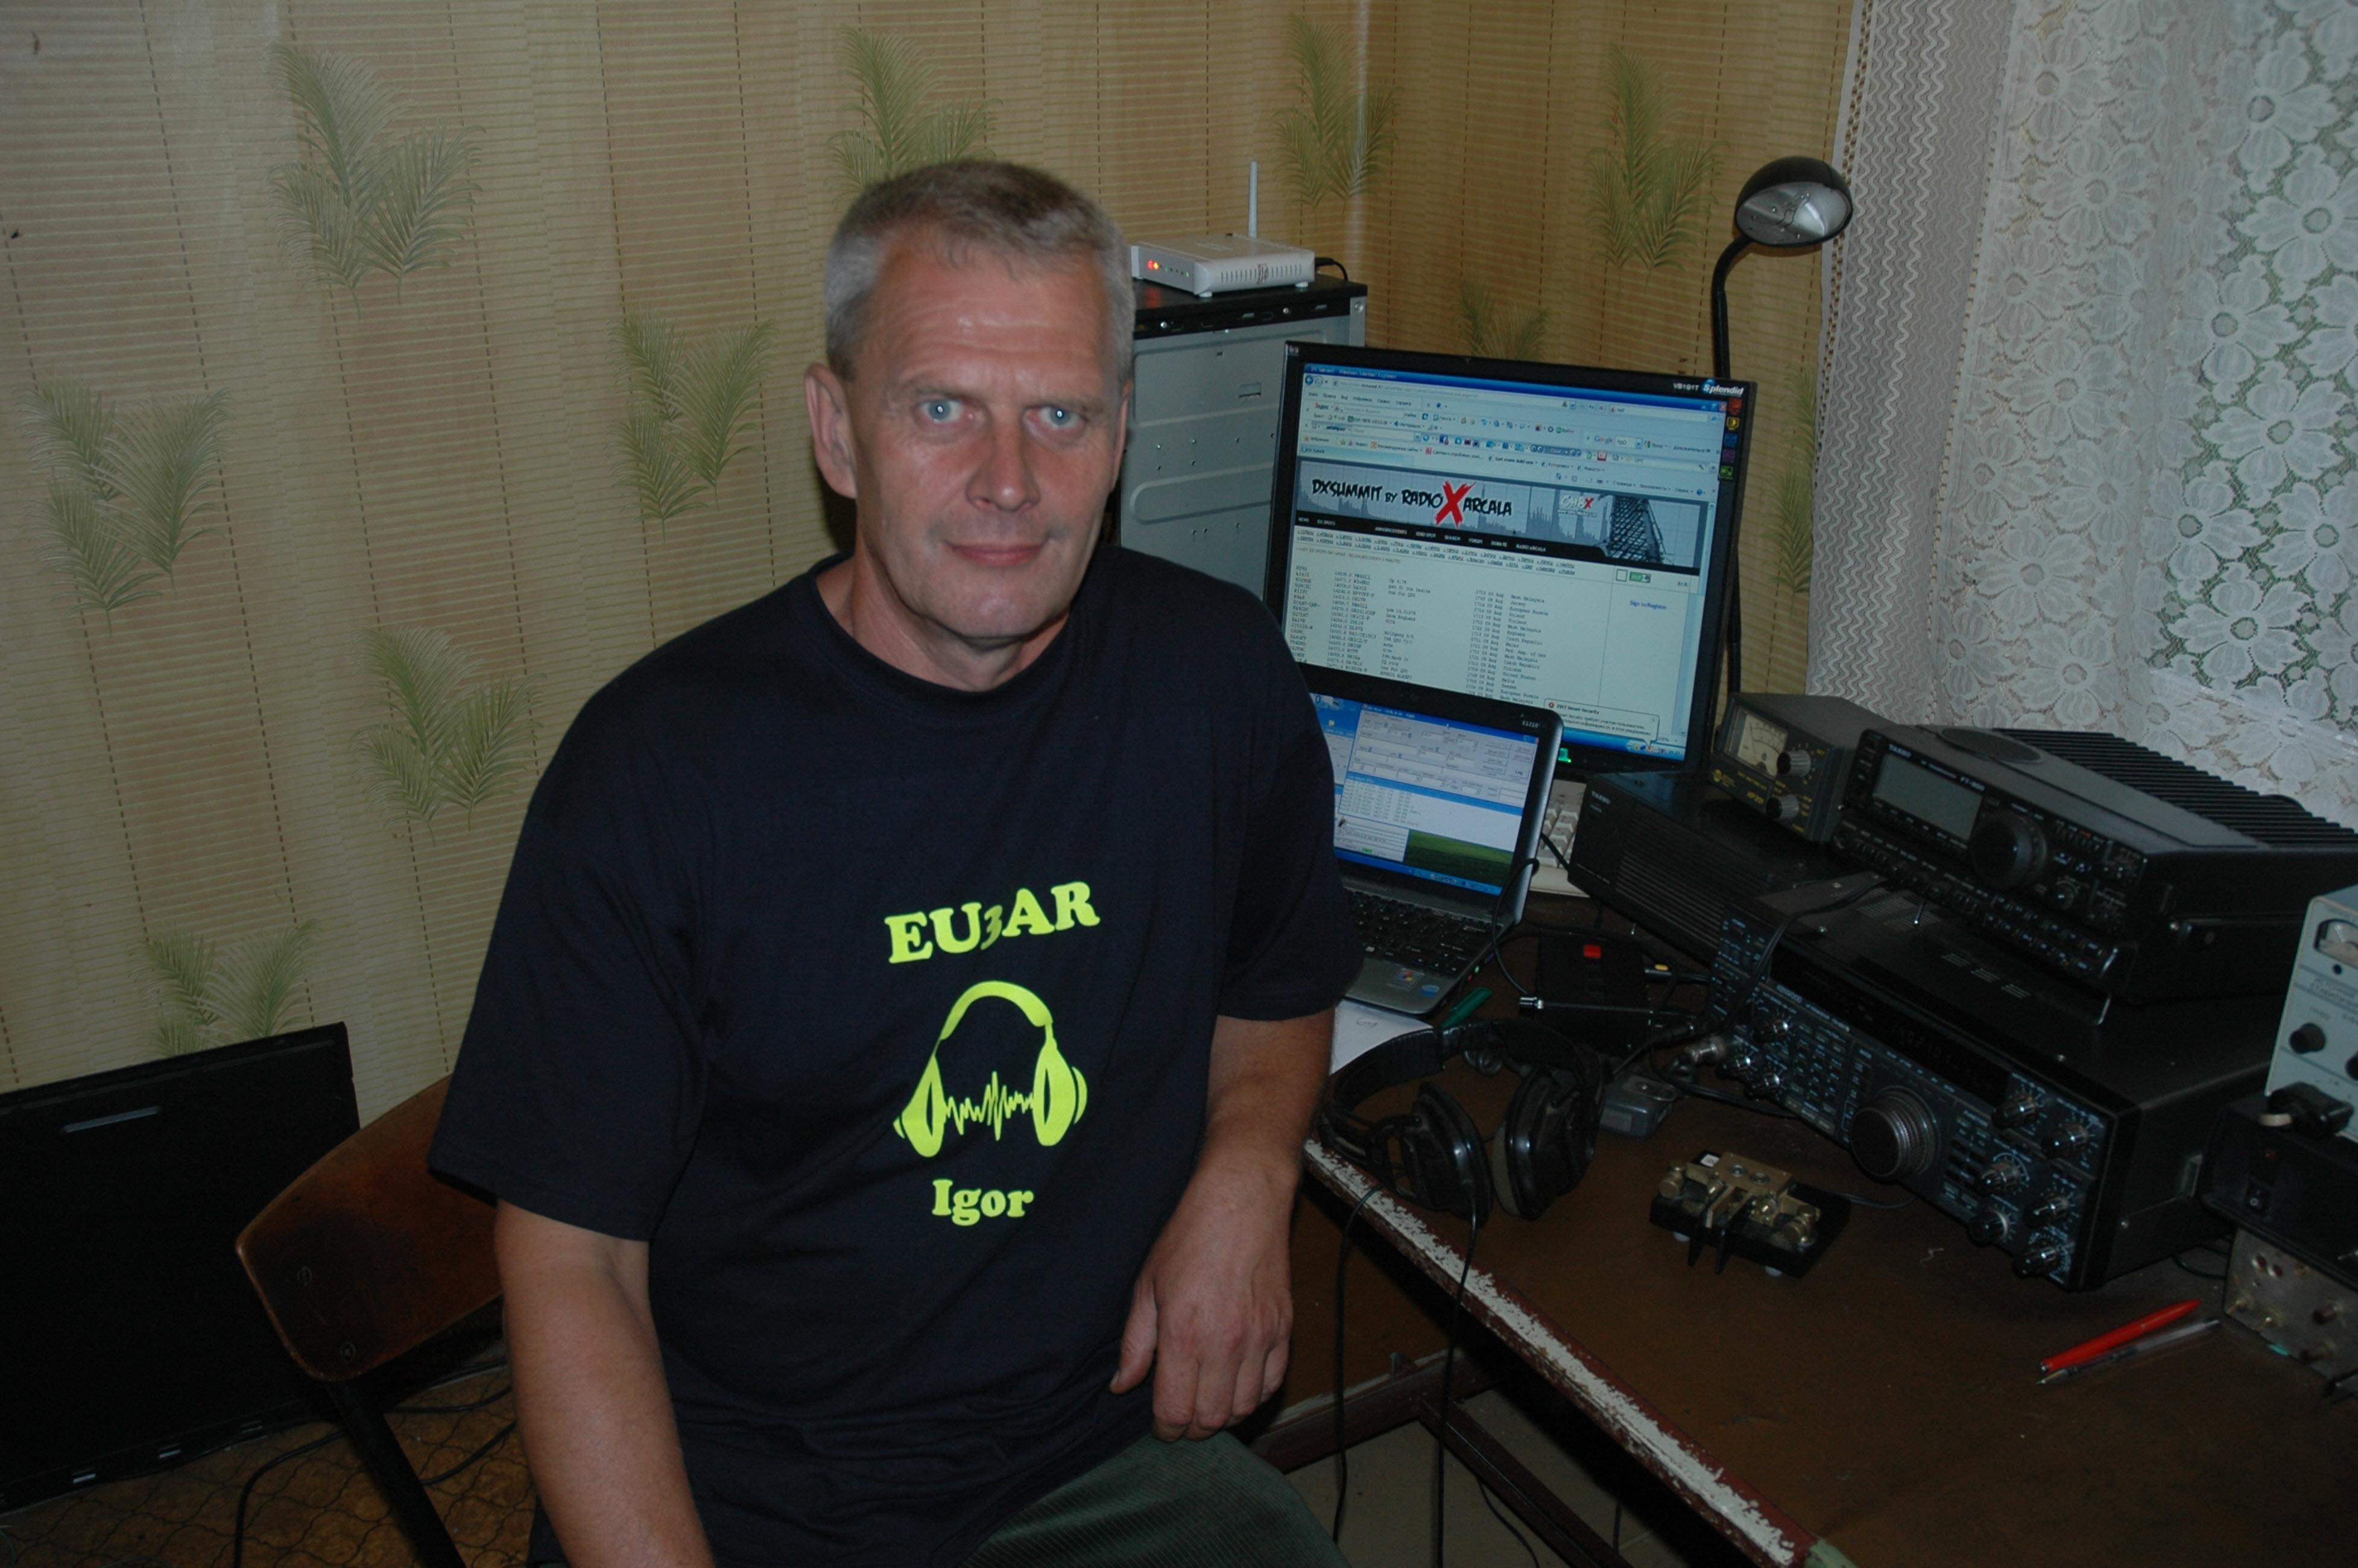 QSL image for EU3AR